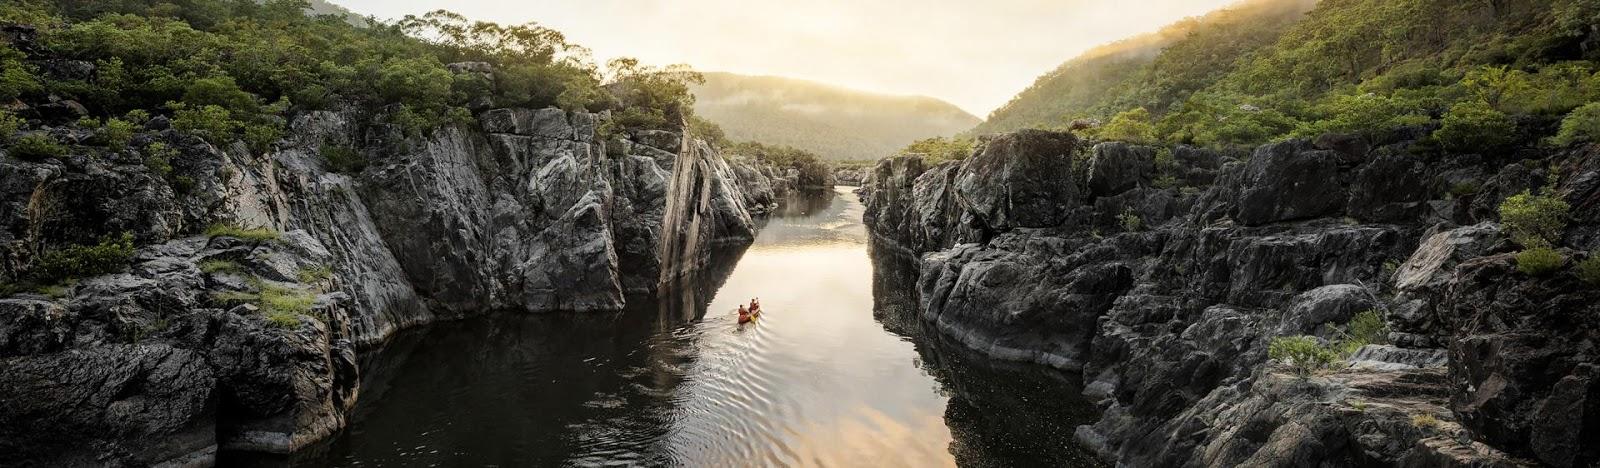 overturning aqua nullius securing aboriginal water rights